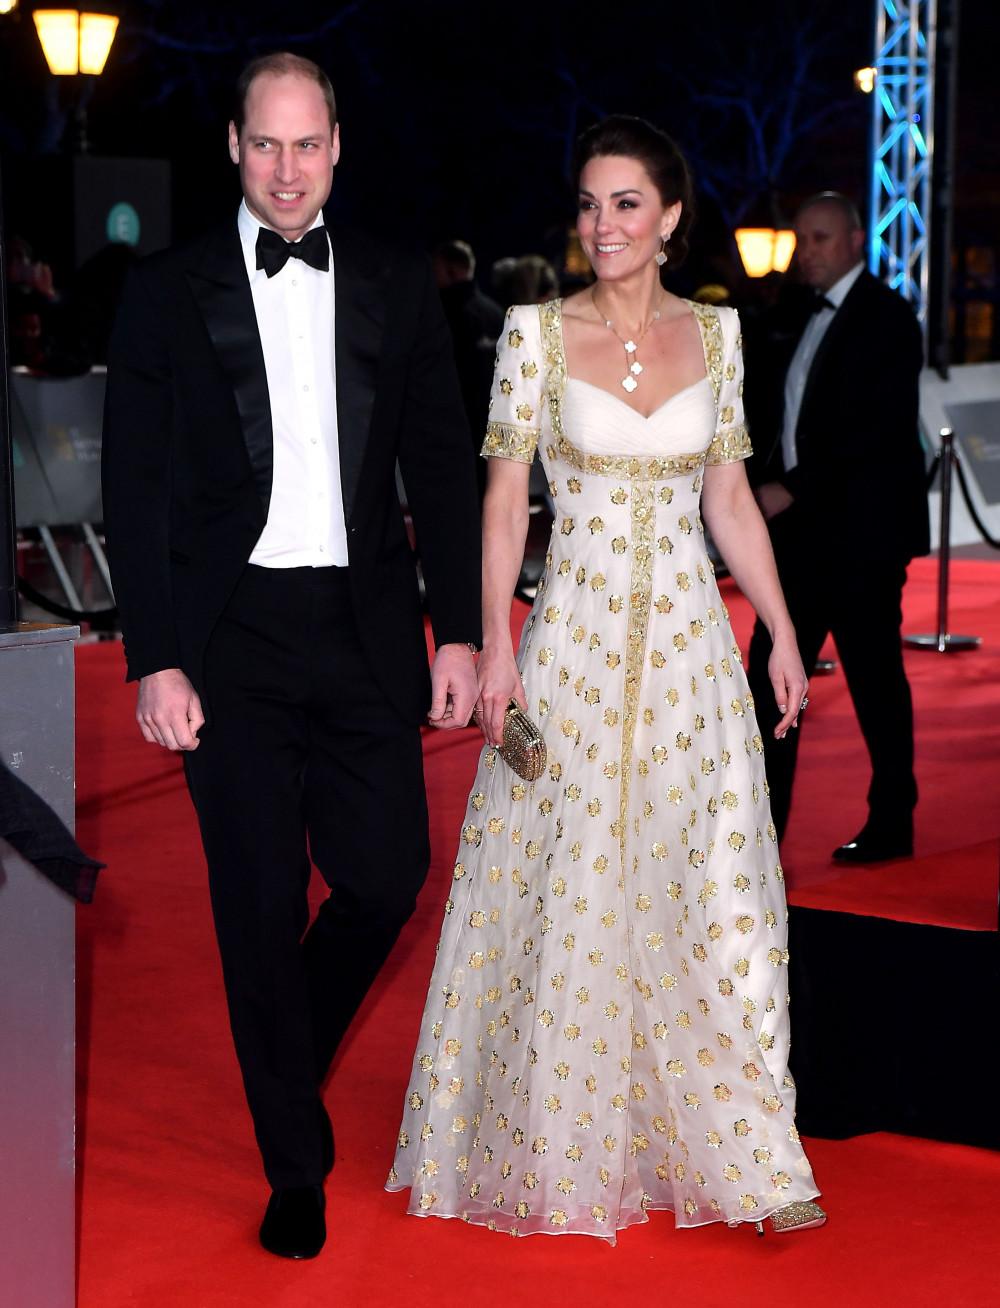 Là gương mặt khách mời quen thuộc và luôn thu hút sự chú ý của khán giả tại thảm đỏ Giải thưởng Điện ảnh Viện Hàn lâm Anh, hay còn gọi là BAFTAs, nhưng năm nay Hoàng tử William cùng với vợ là Nữ công tước xứ Cambridge Kate đành phải lỡ hẹn.